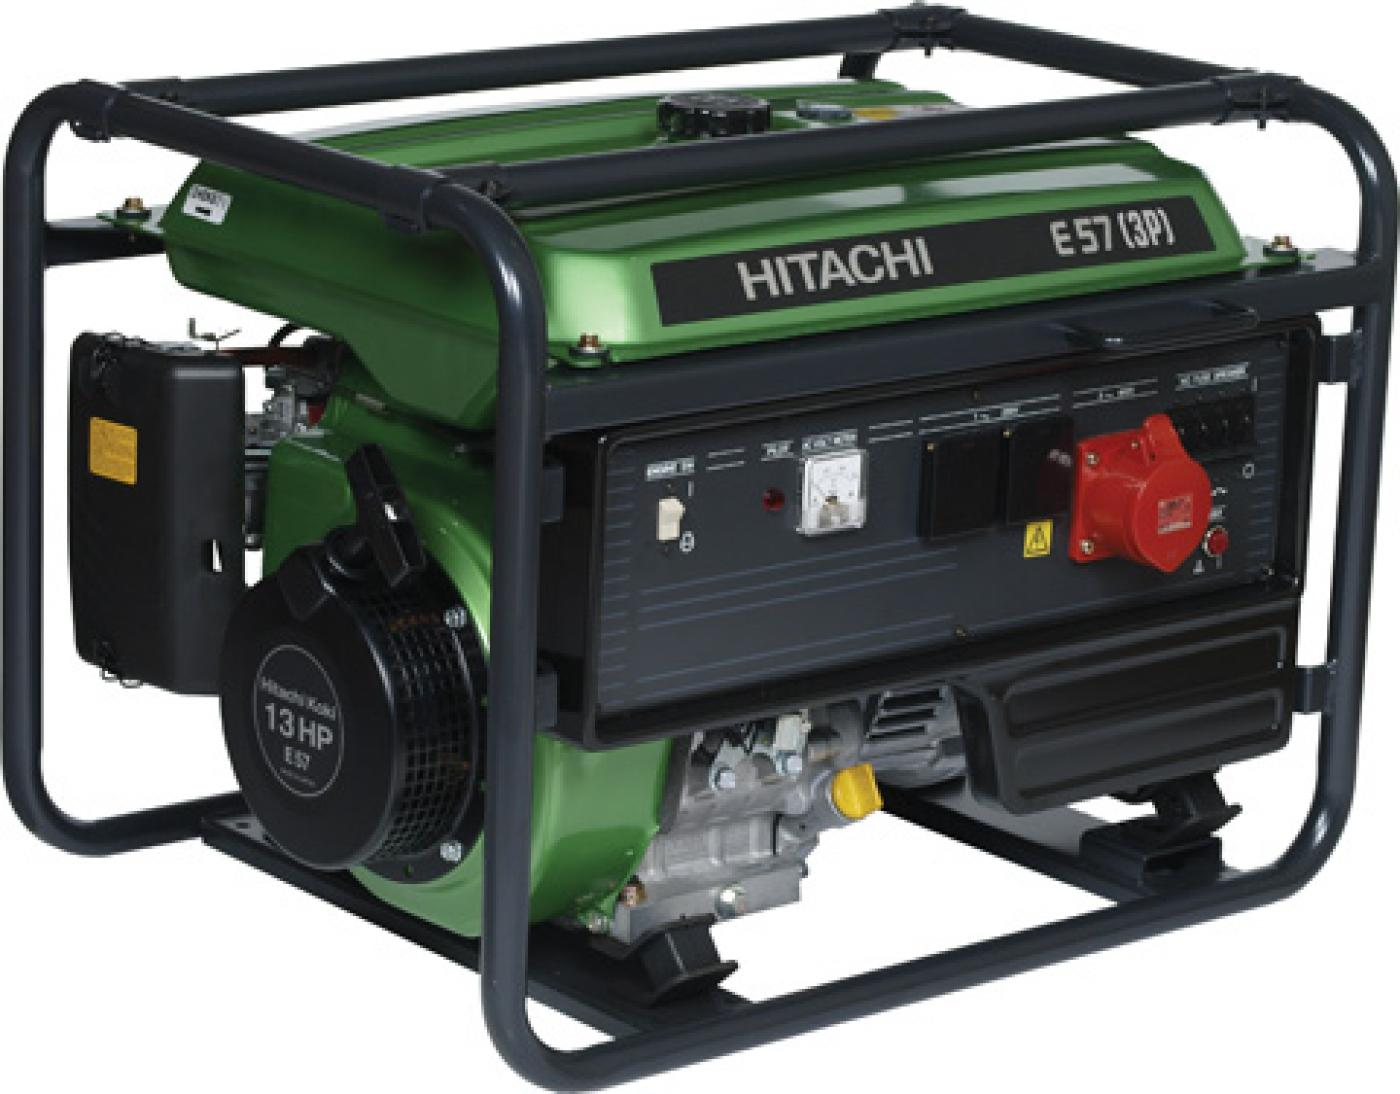 Бензиновый генератор Hitachi E57 3P 3